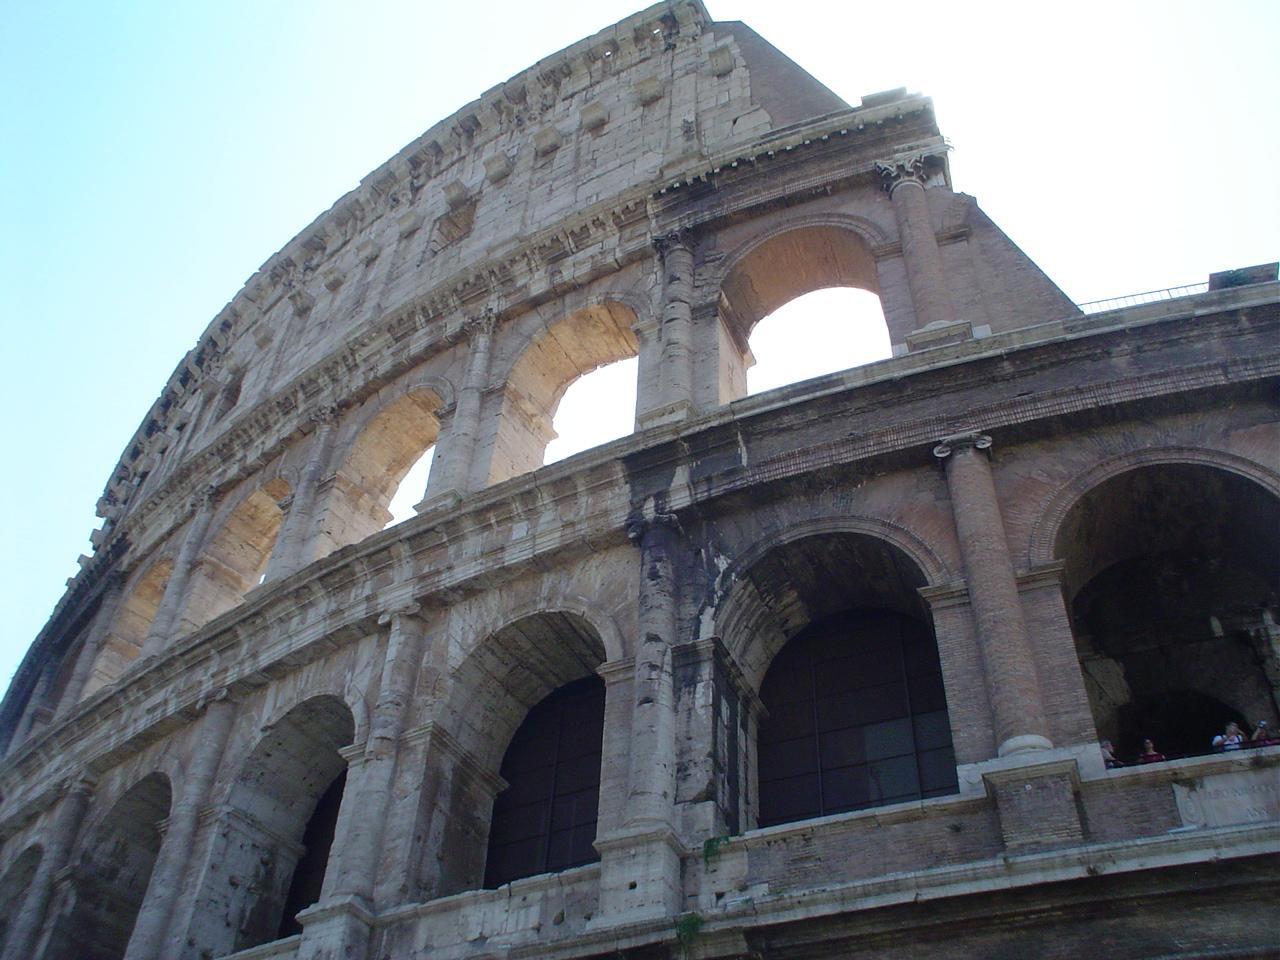 Colosseum3_11-7-2003